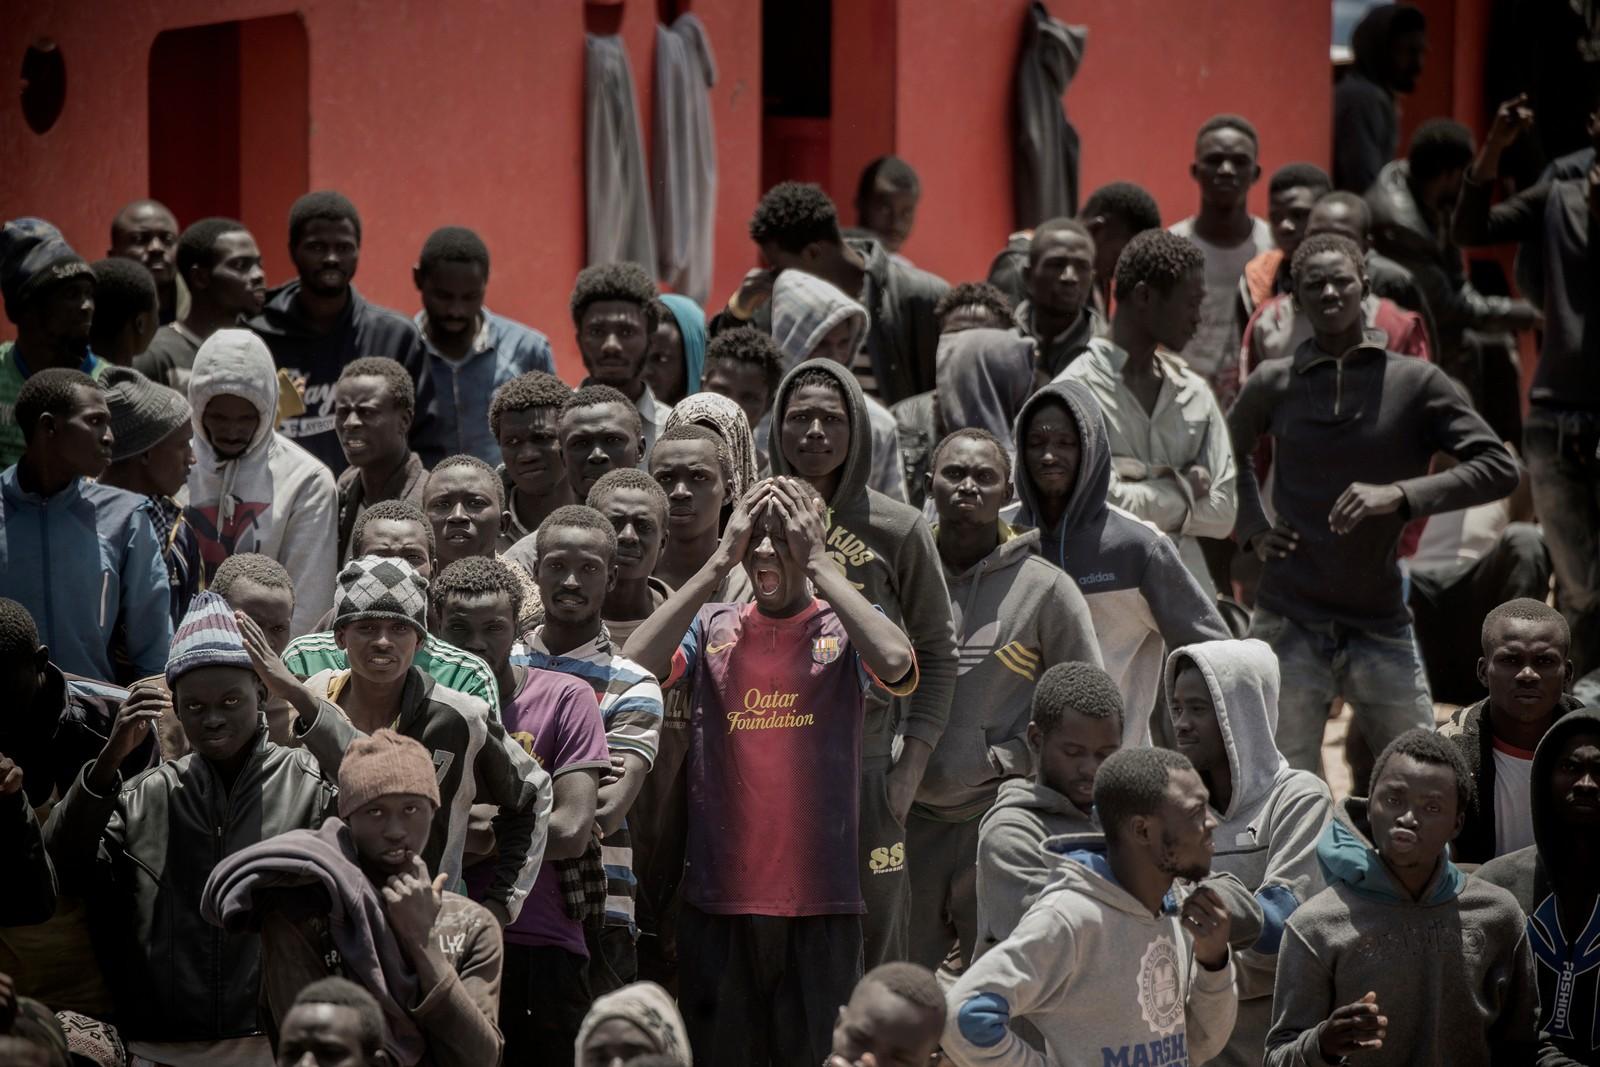 2. plass Nyhetsreportasje utland: Hans Arne Vedlog, Dagbladet.  Flere tusen risikerer livet i forsøket på å nå Europa ved å krysse Middelhavet, verdens dødeligste sjøvei. Ifølge tall fra FNs høykommissær for flyktninger (UNHCR) dør hver 47. person som ankommer Italia på ruten fra Libya.